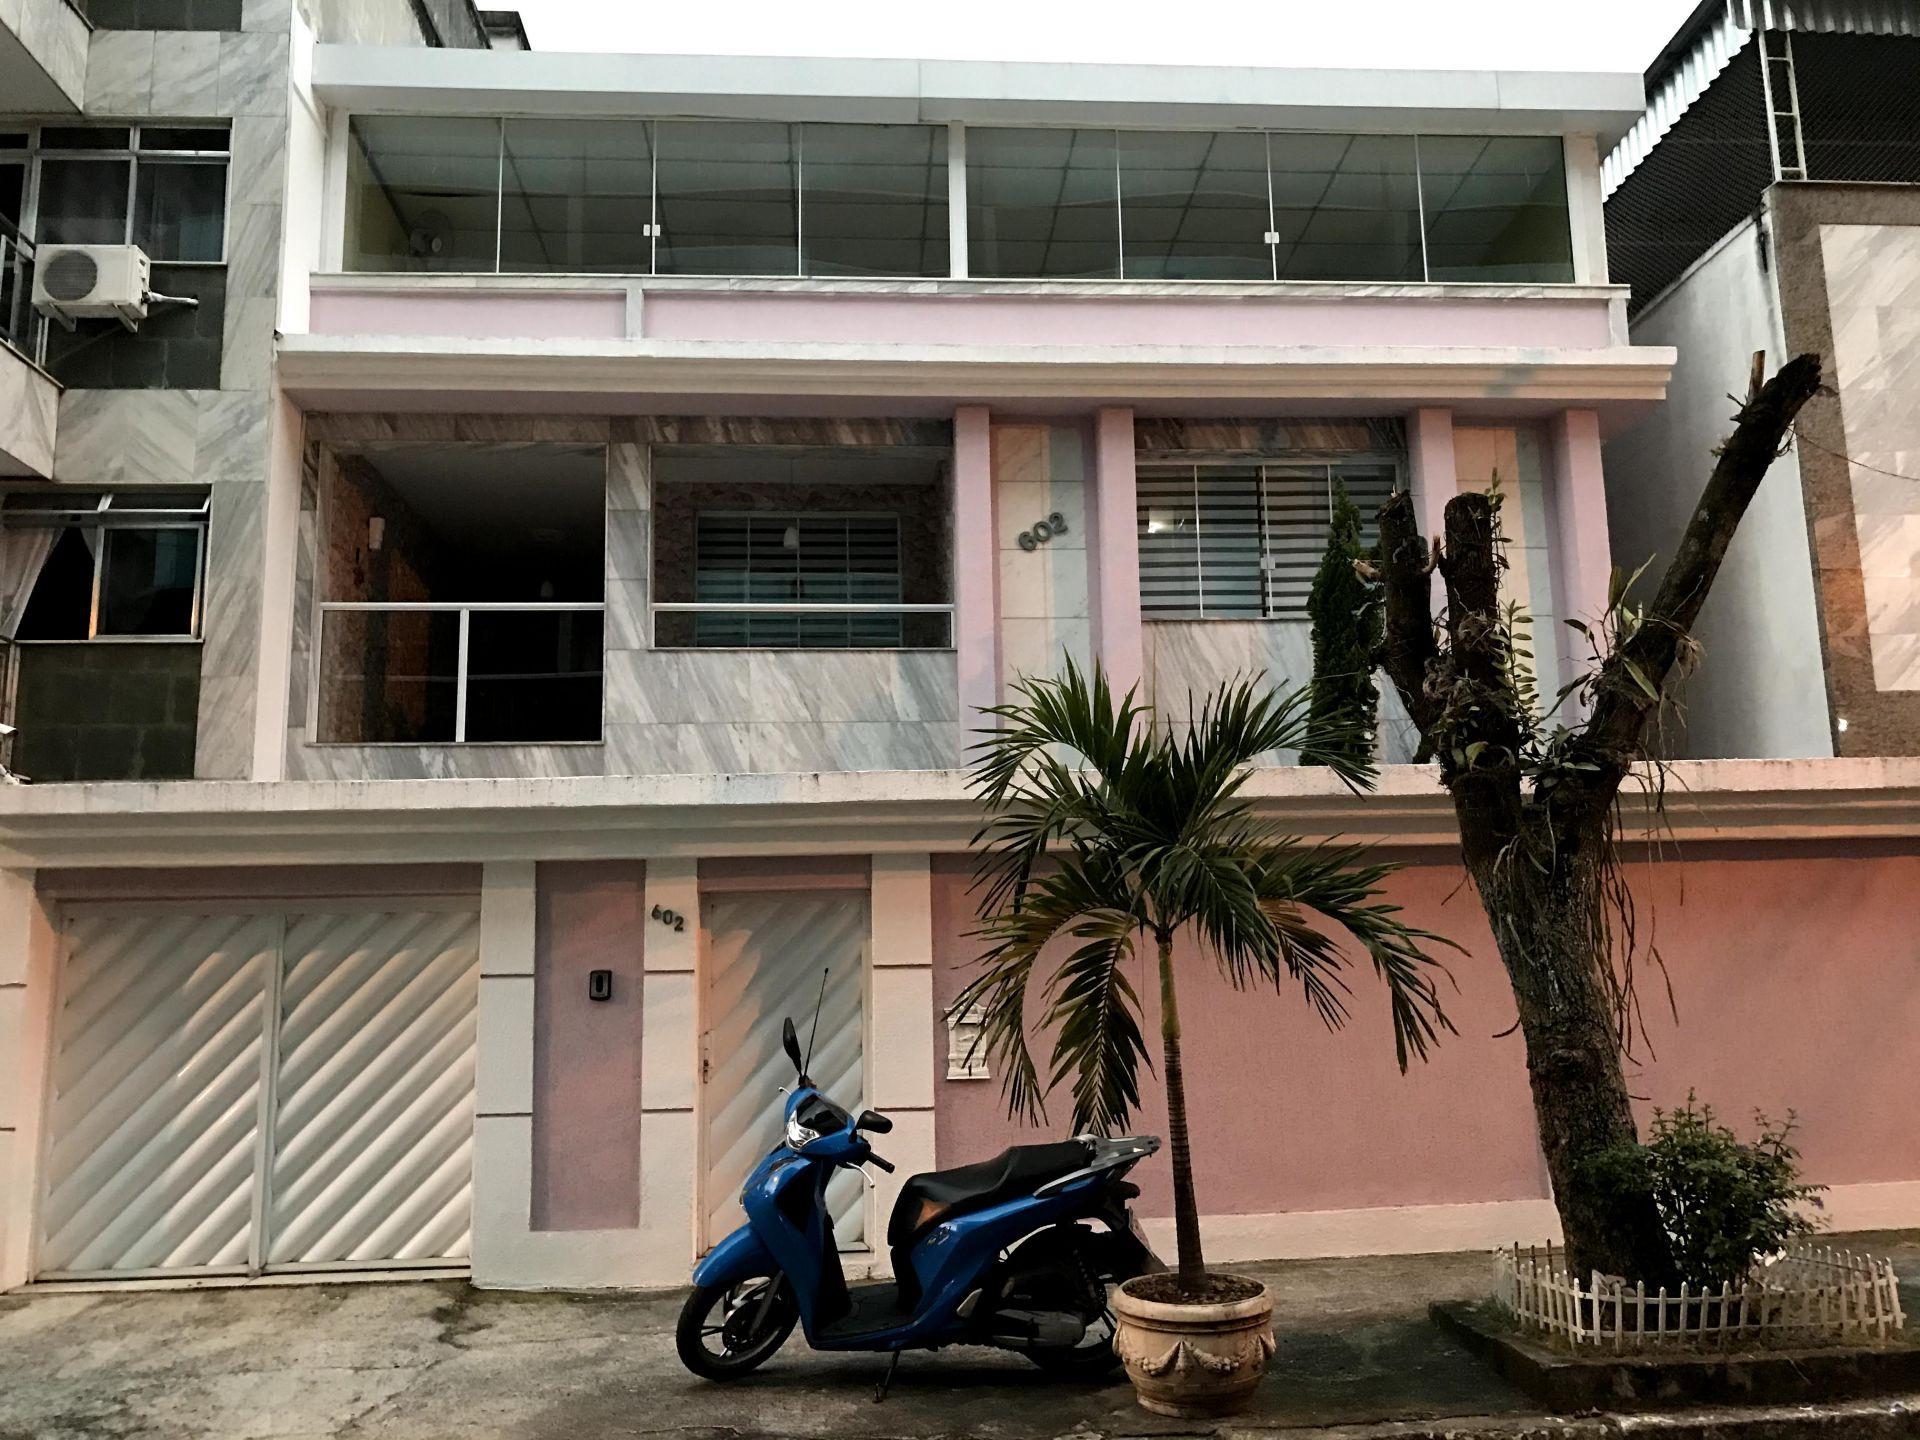 FOTO 1 - Casa em Condomínio à venda Rua Rosário Oeste,Vila Valqueire, Rio de Janeiro - R$ 1.500.000 - RF257 - 1